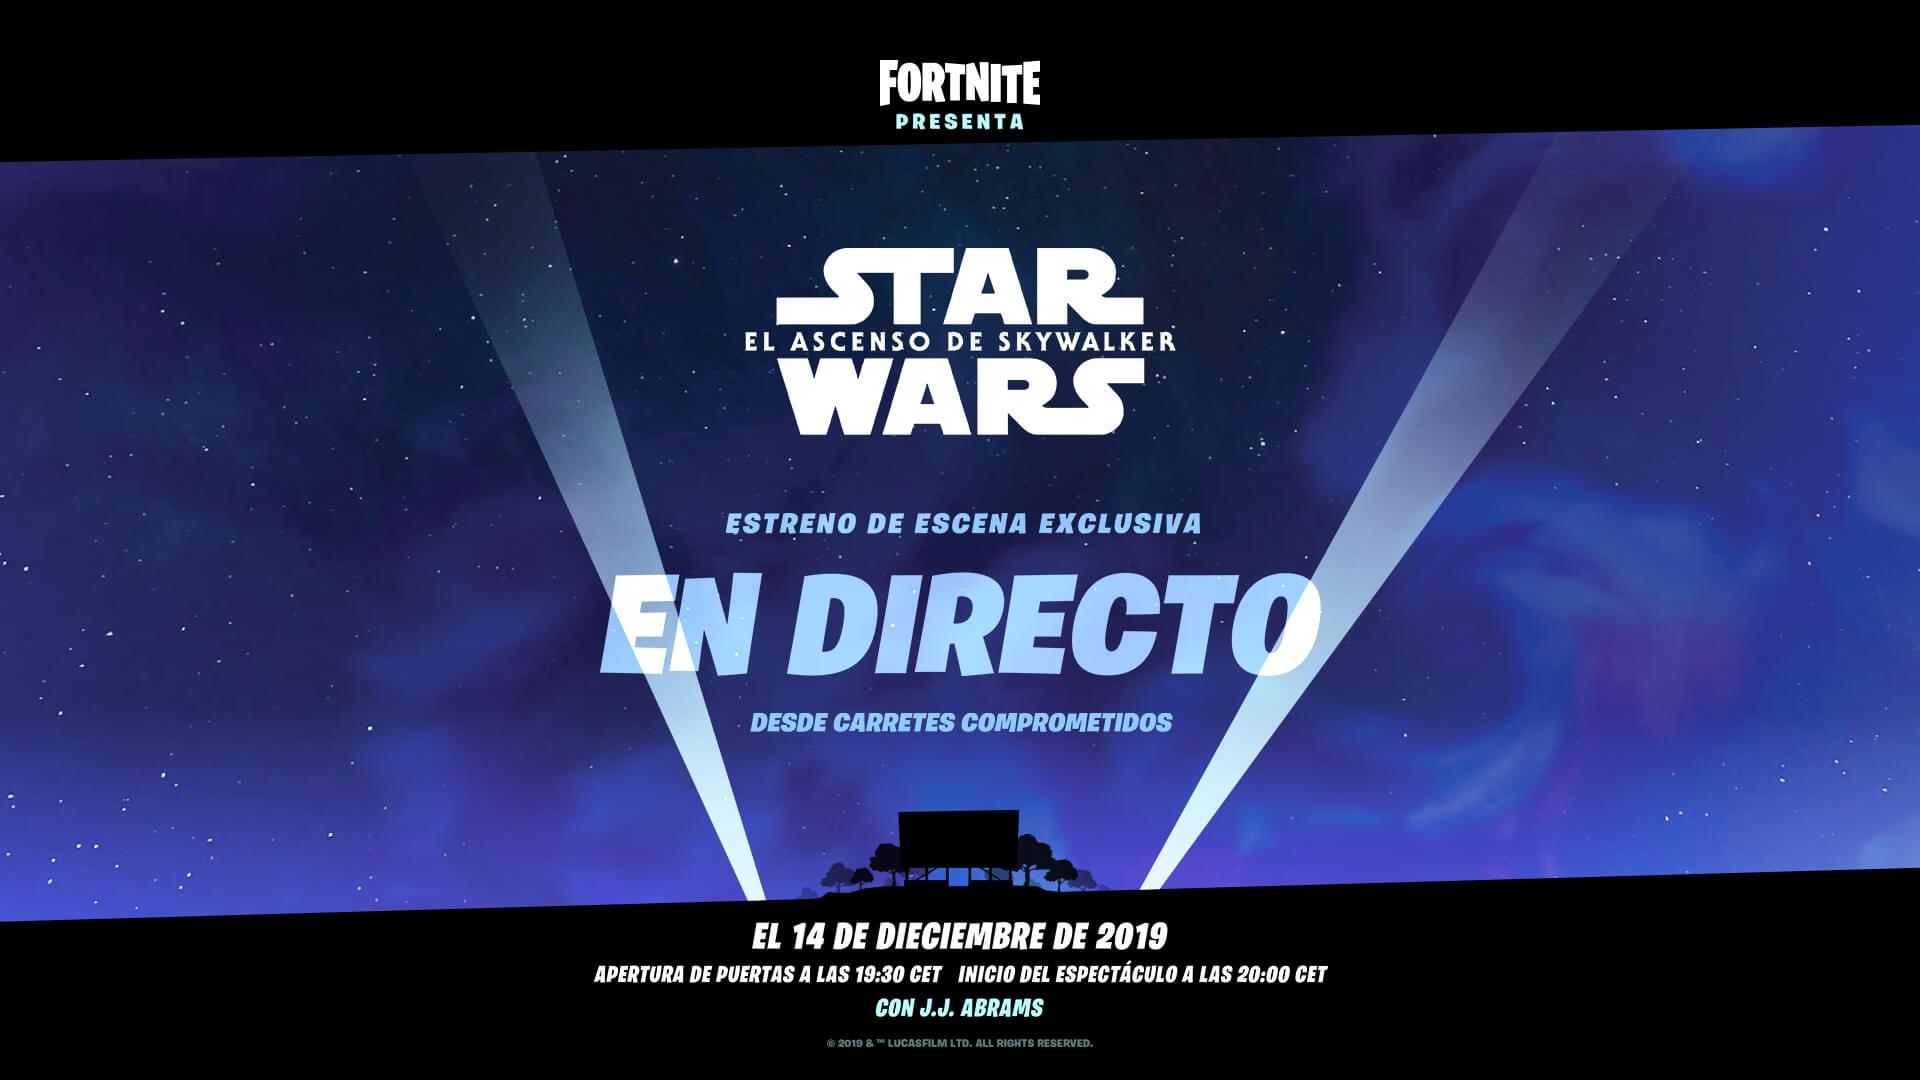 Star Wars Se Alía Con Fortnite Para Un Trailer Exclusivo De La Pelicula